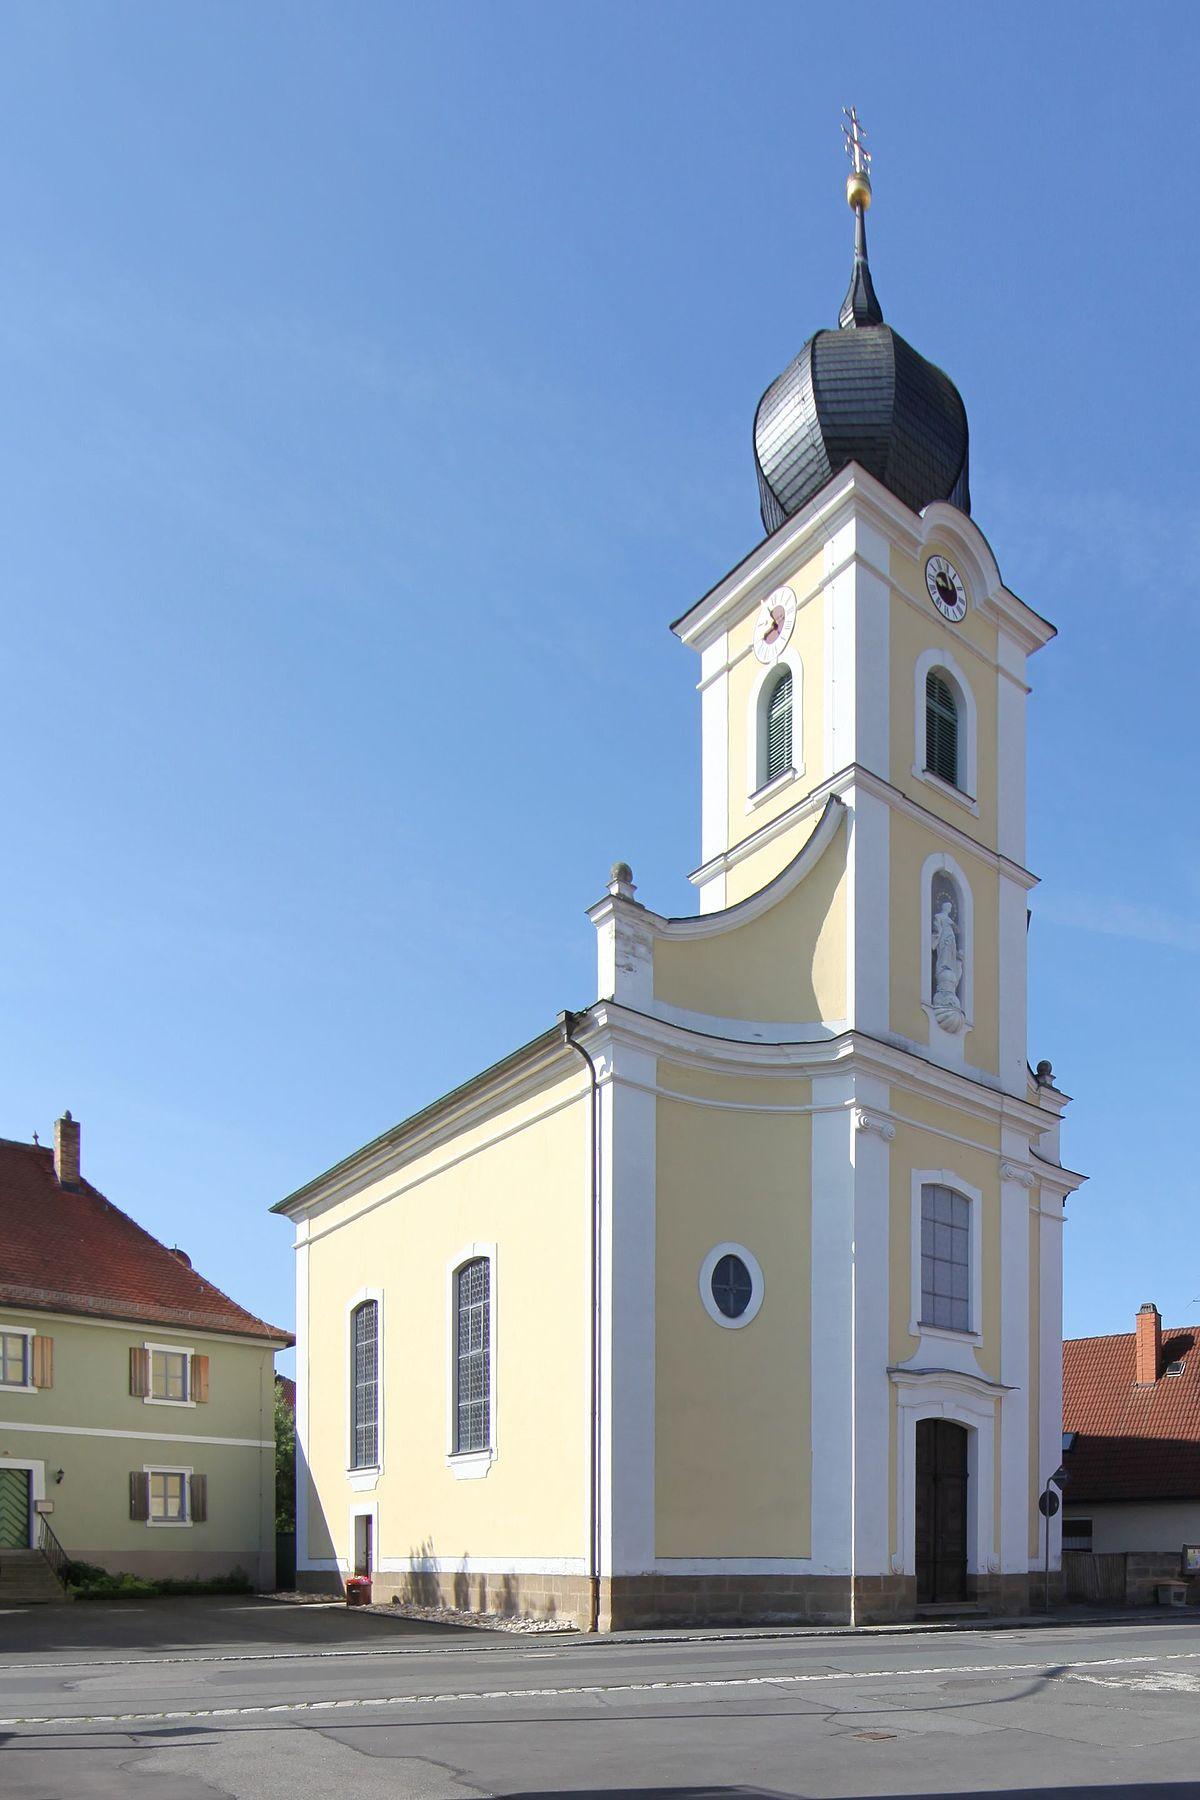 Kaltenbrunn